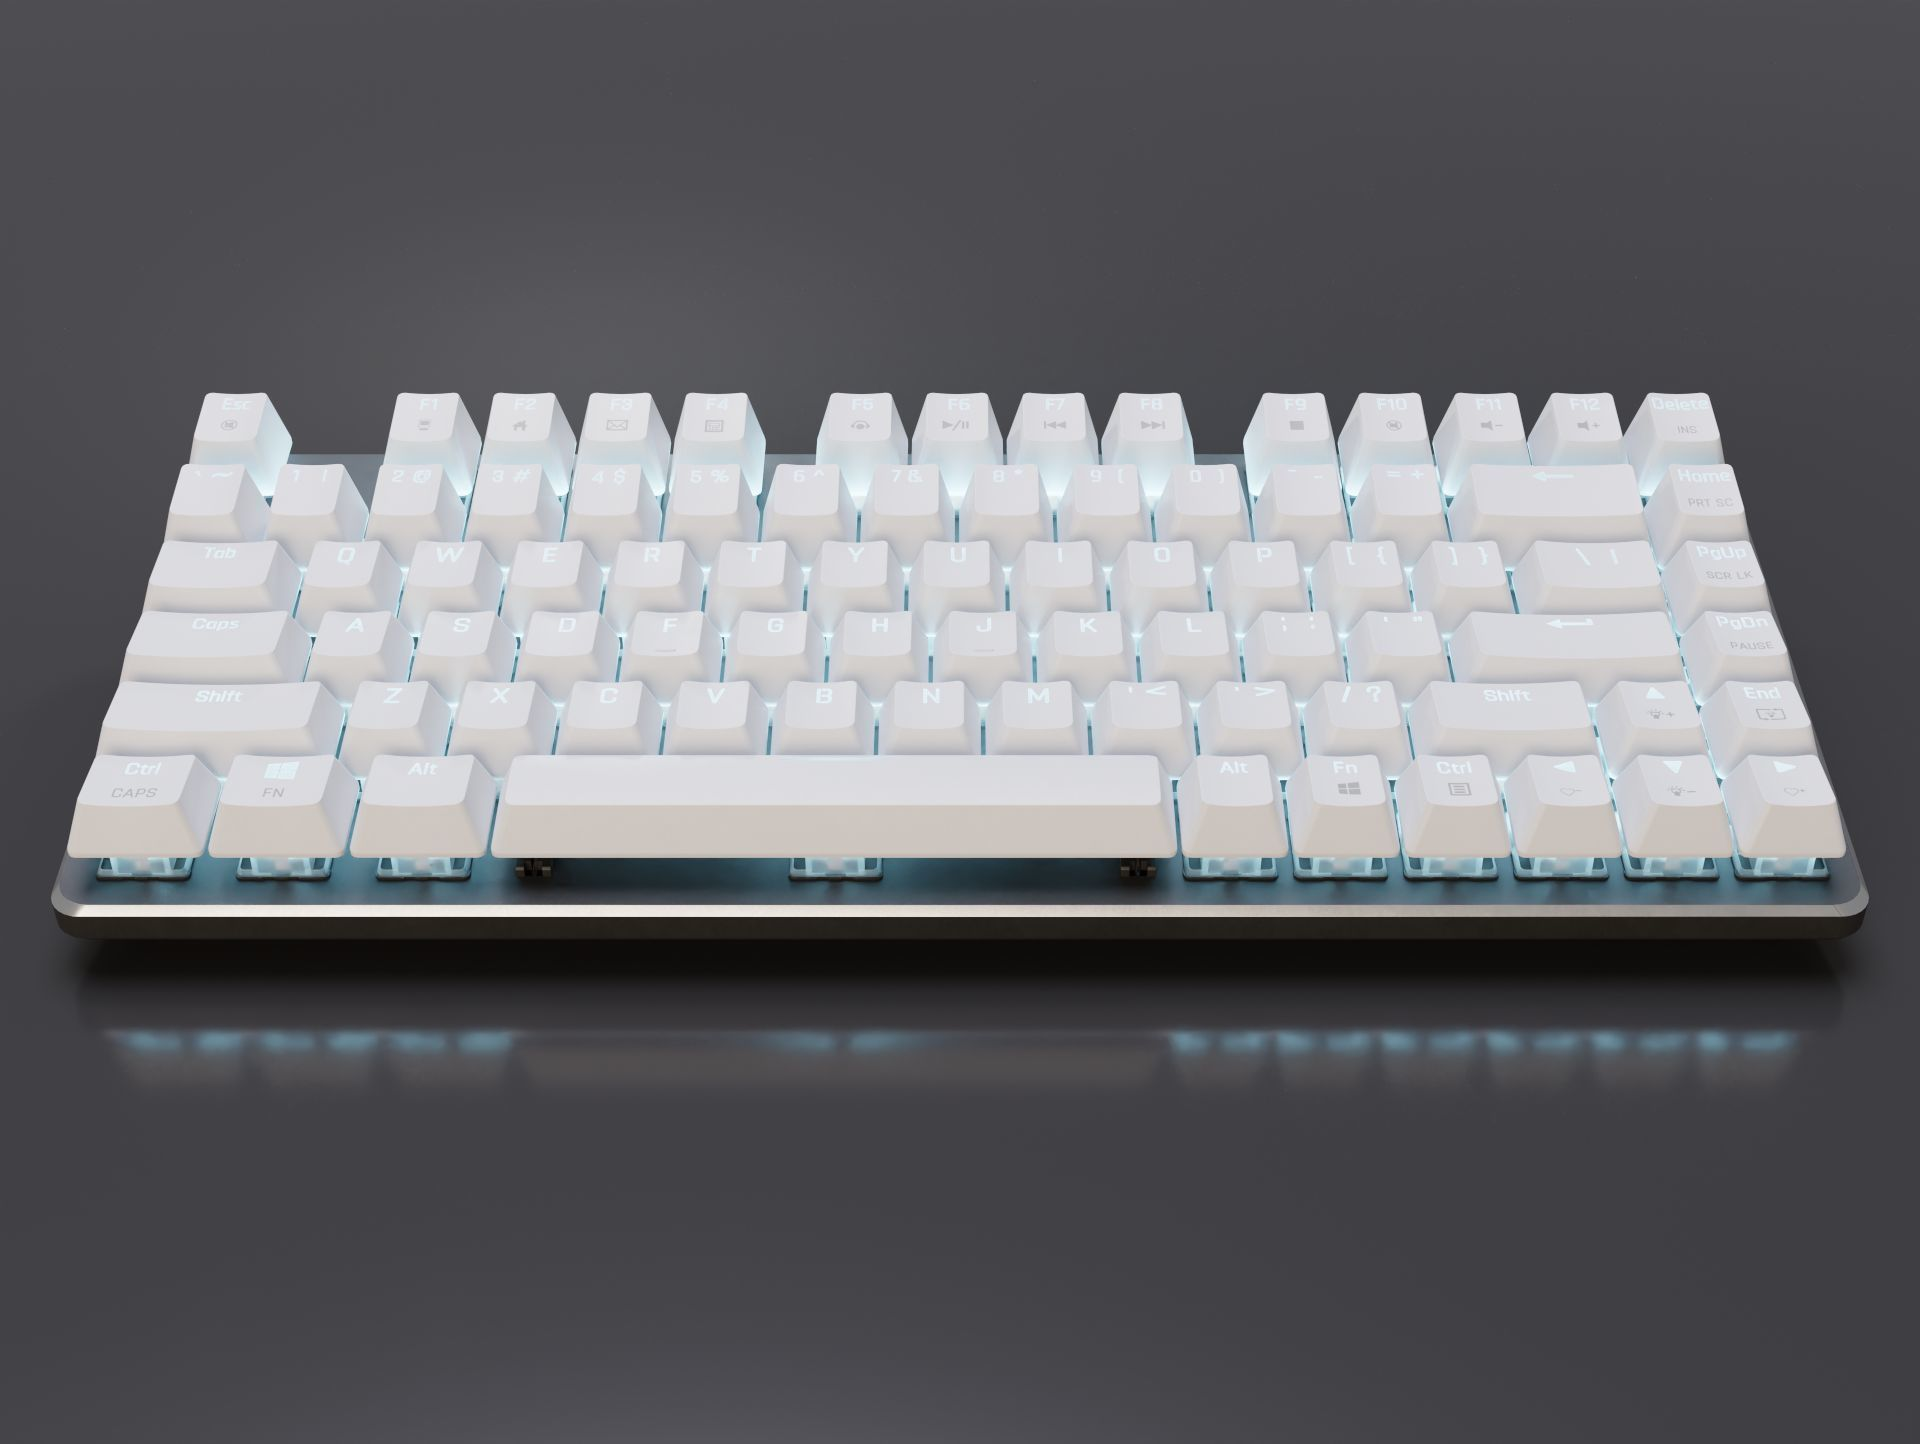 Mechanical Keyboard 82-Key LED